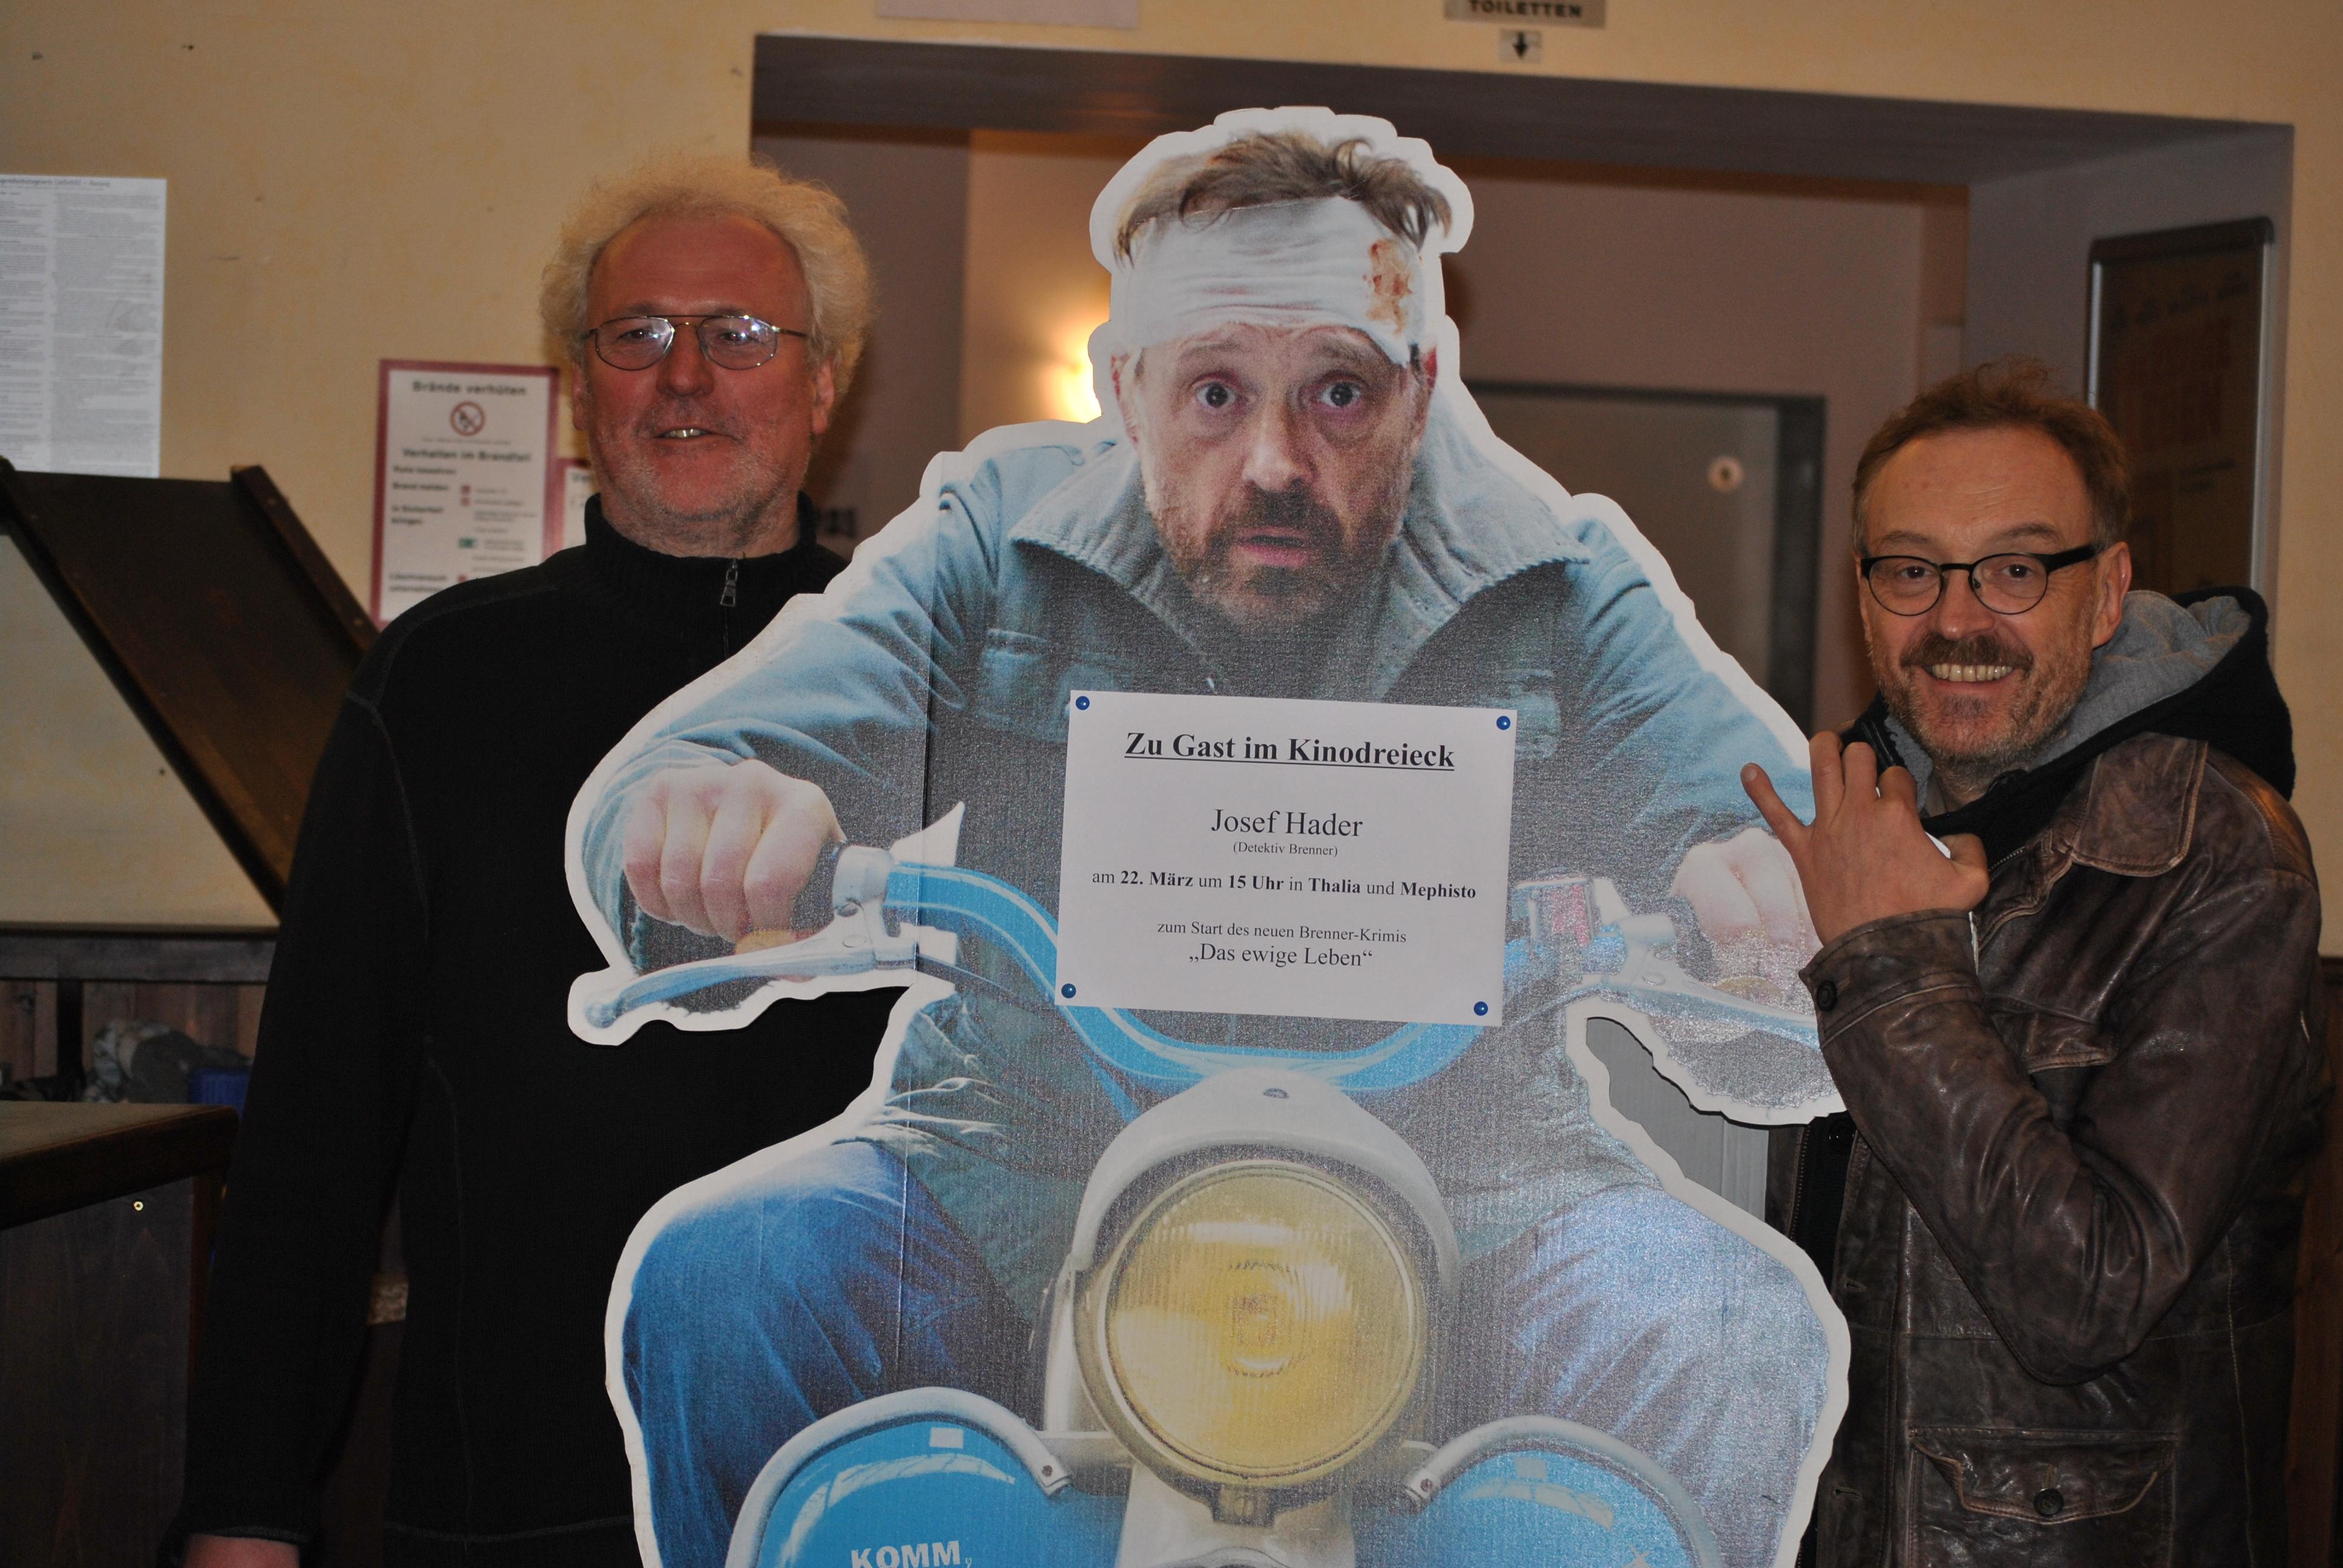 Foto 3 Zu Gast: Josef Hader: DAS EWIGE LEBEN.